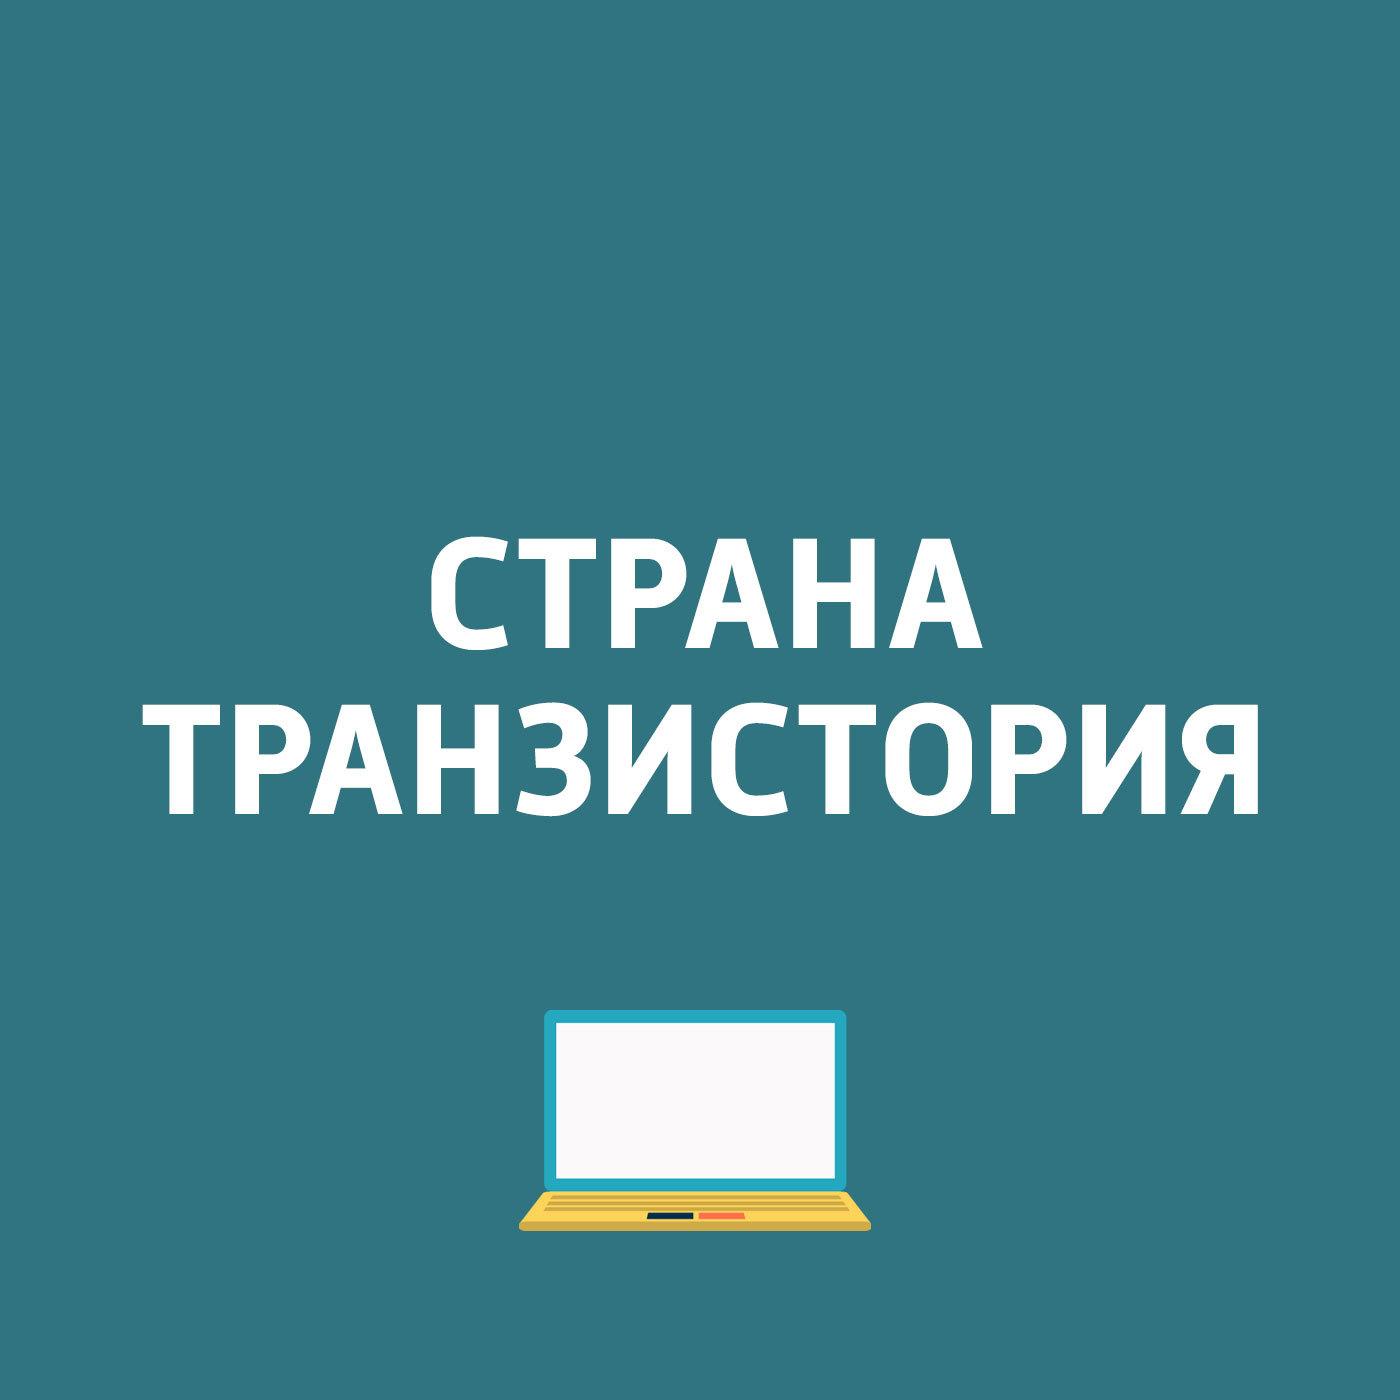 Картаев Павел Вице-президент Google сделал намёк на название Android 8.0 ... картаев павел обзор iphone x на youtube badoo определил самого популярного российского мужчину